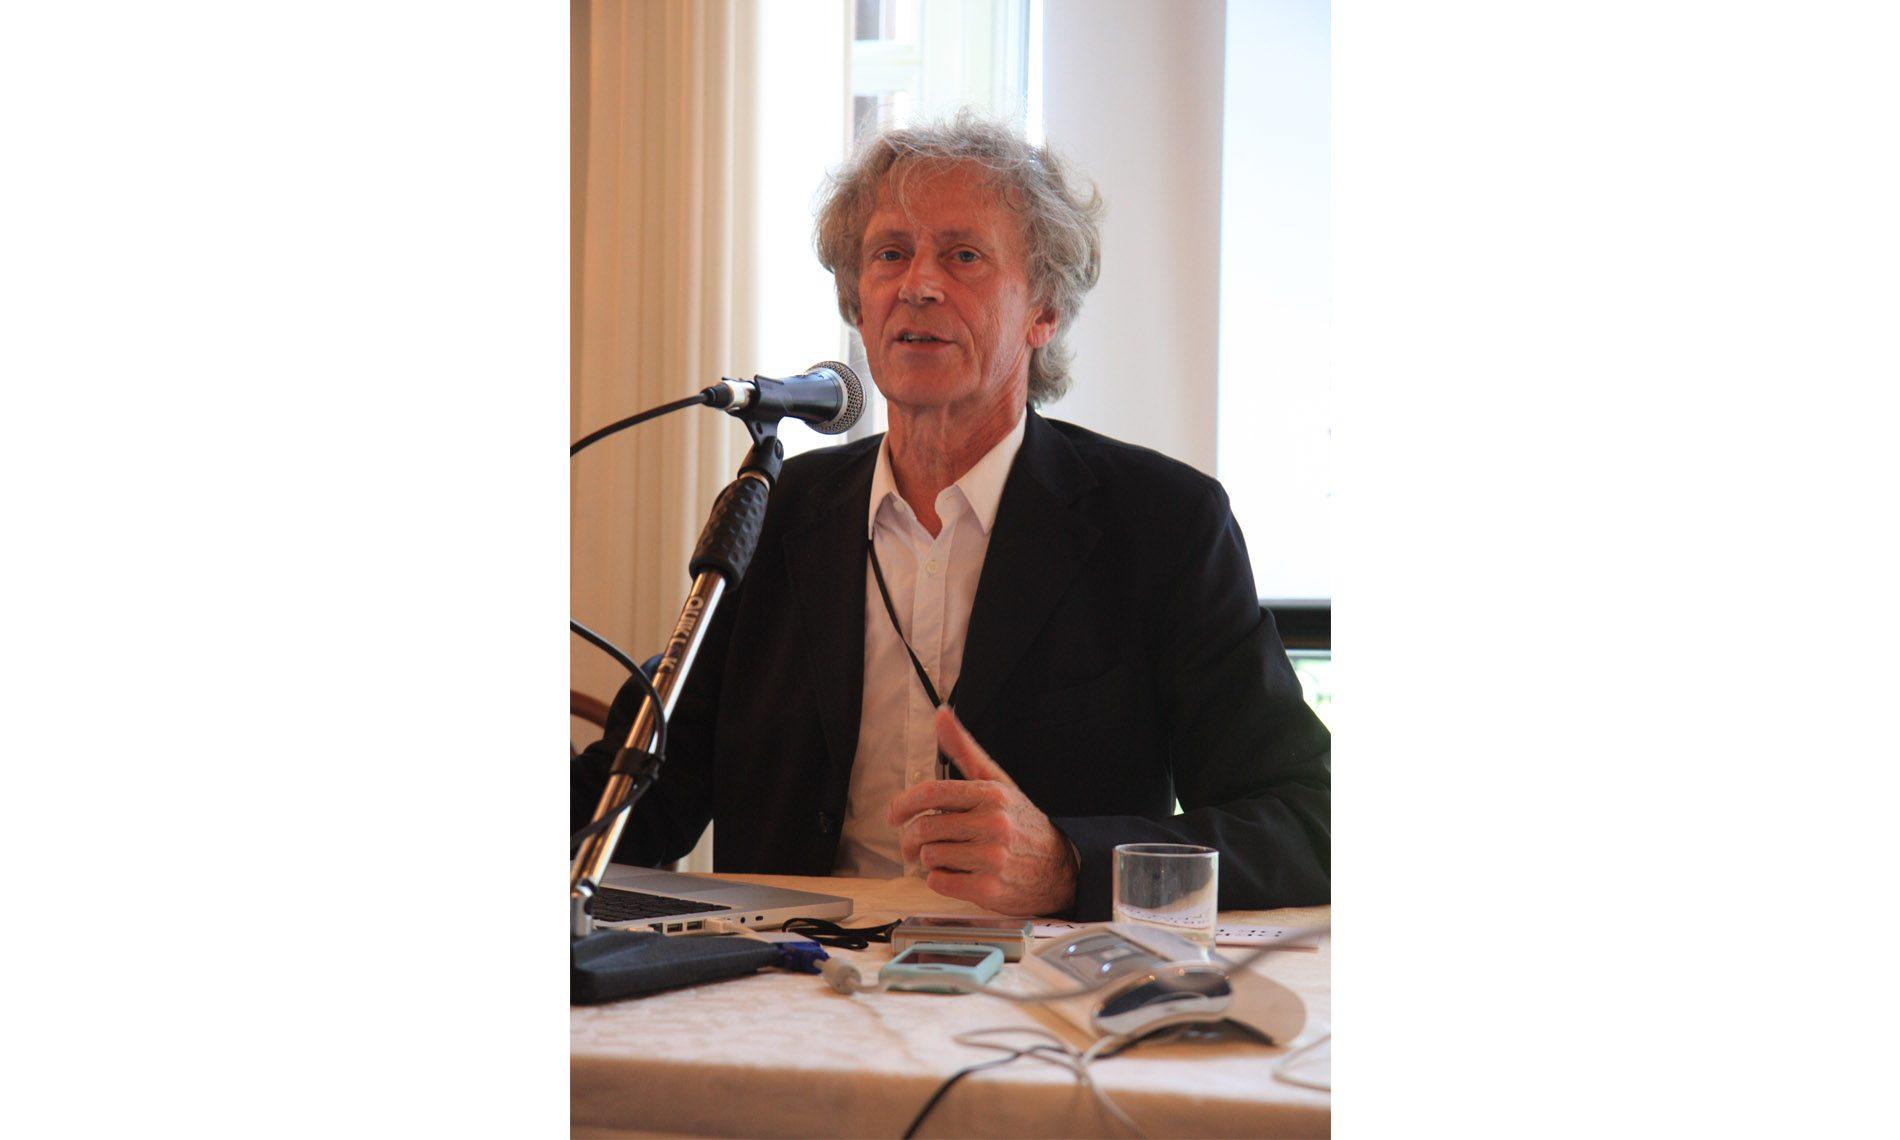 Derrick De Kerckhove a Futura 2009